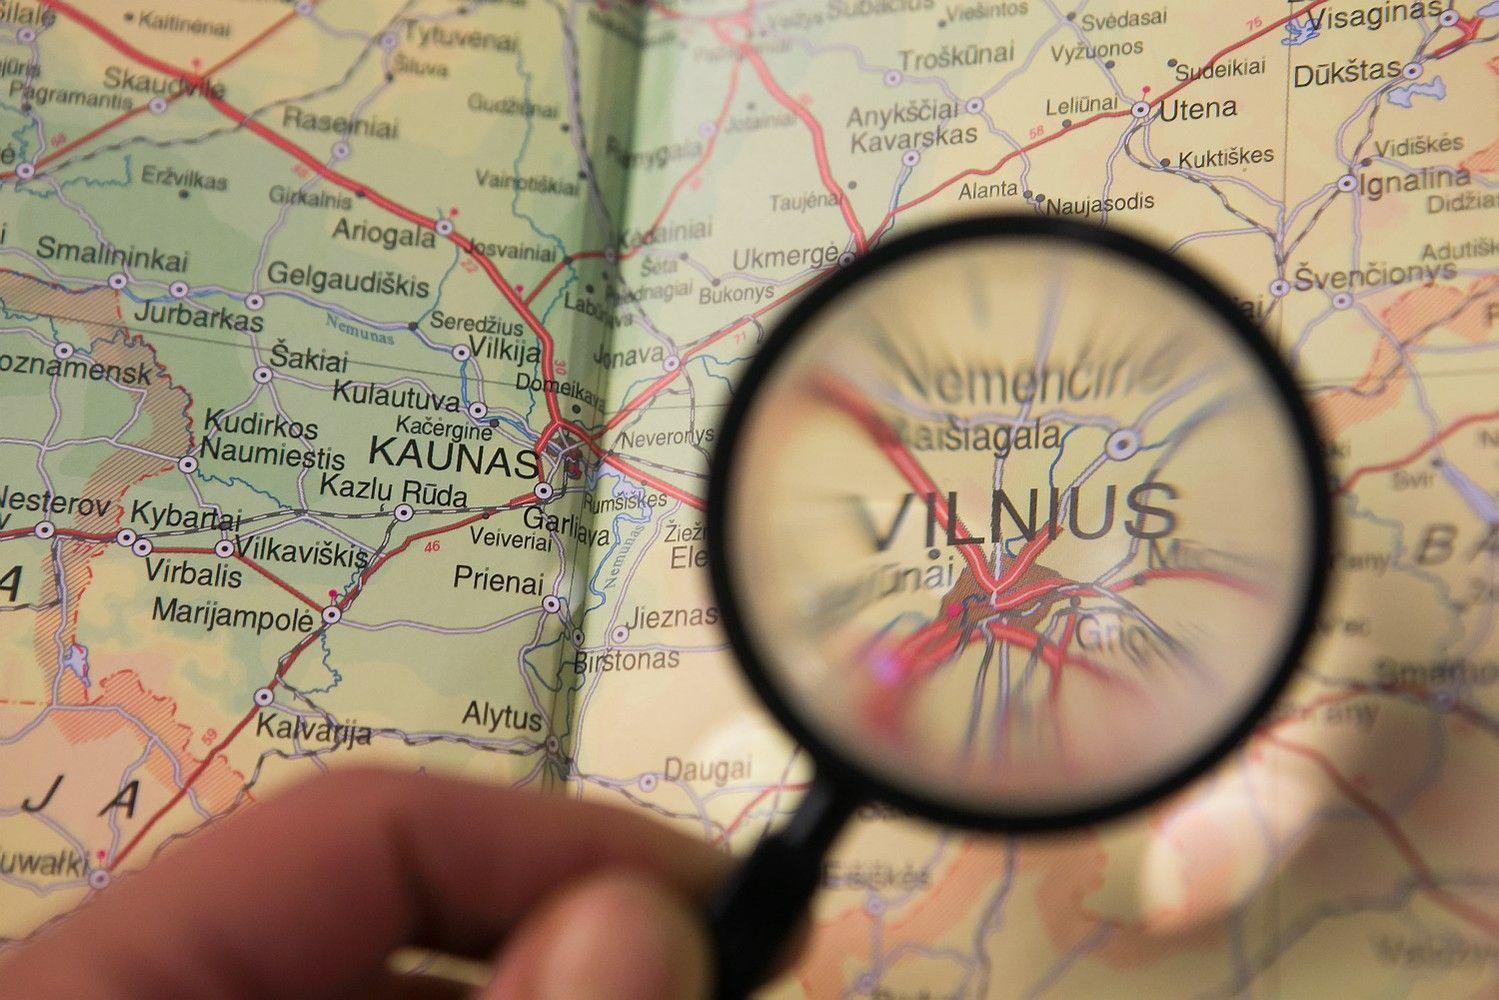 Kodėl regione kurti verslą kartais naudingiau nei Vilniuje